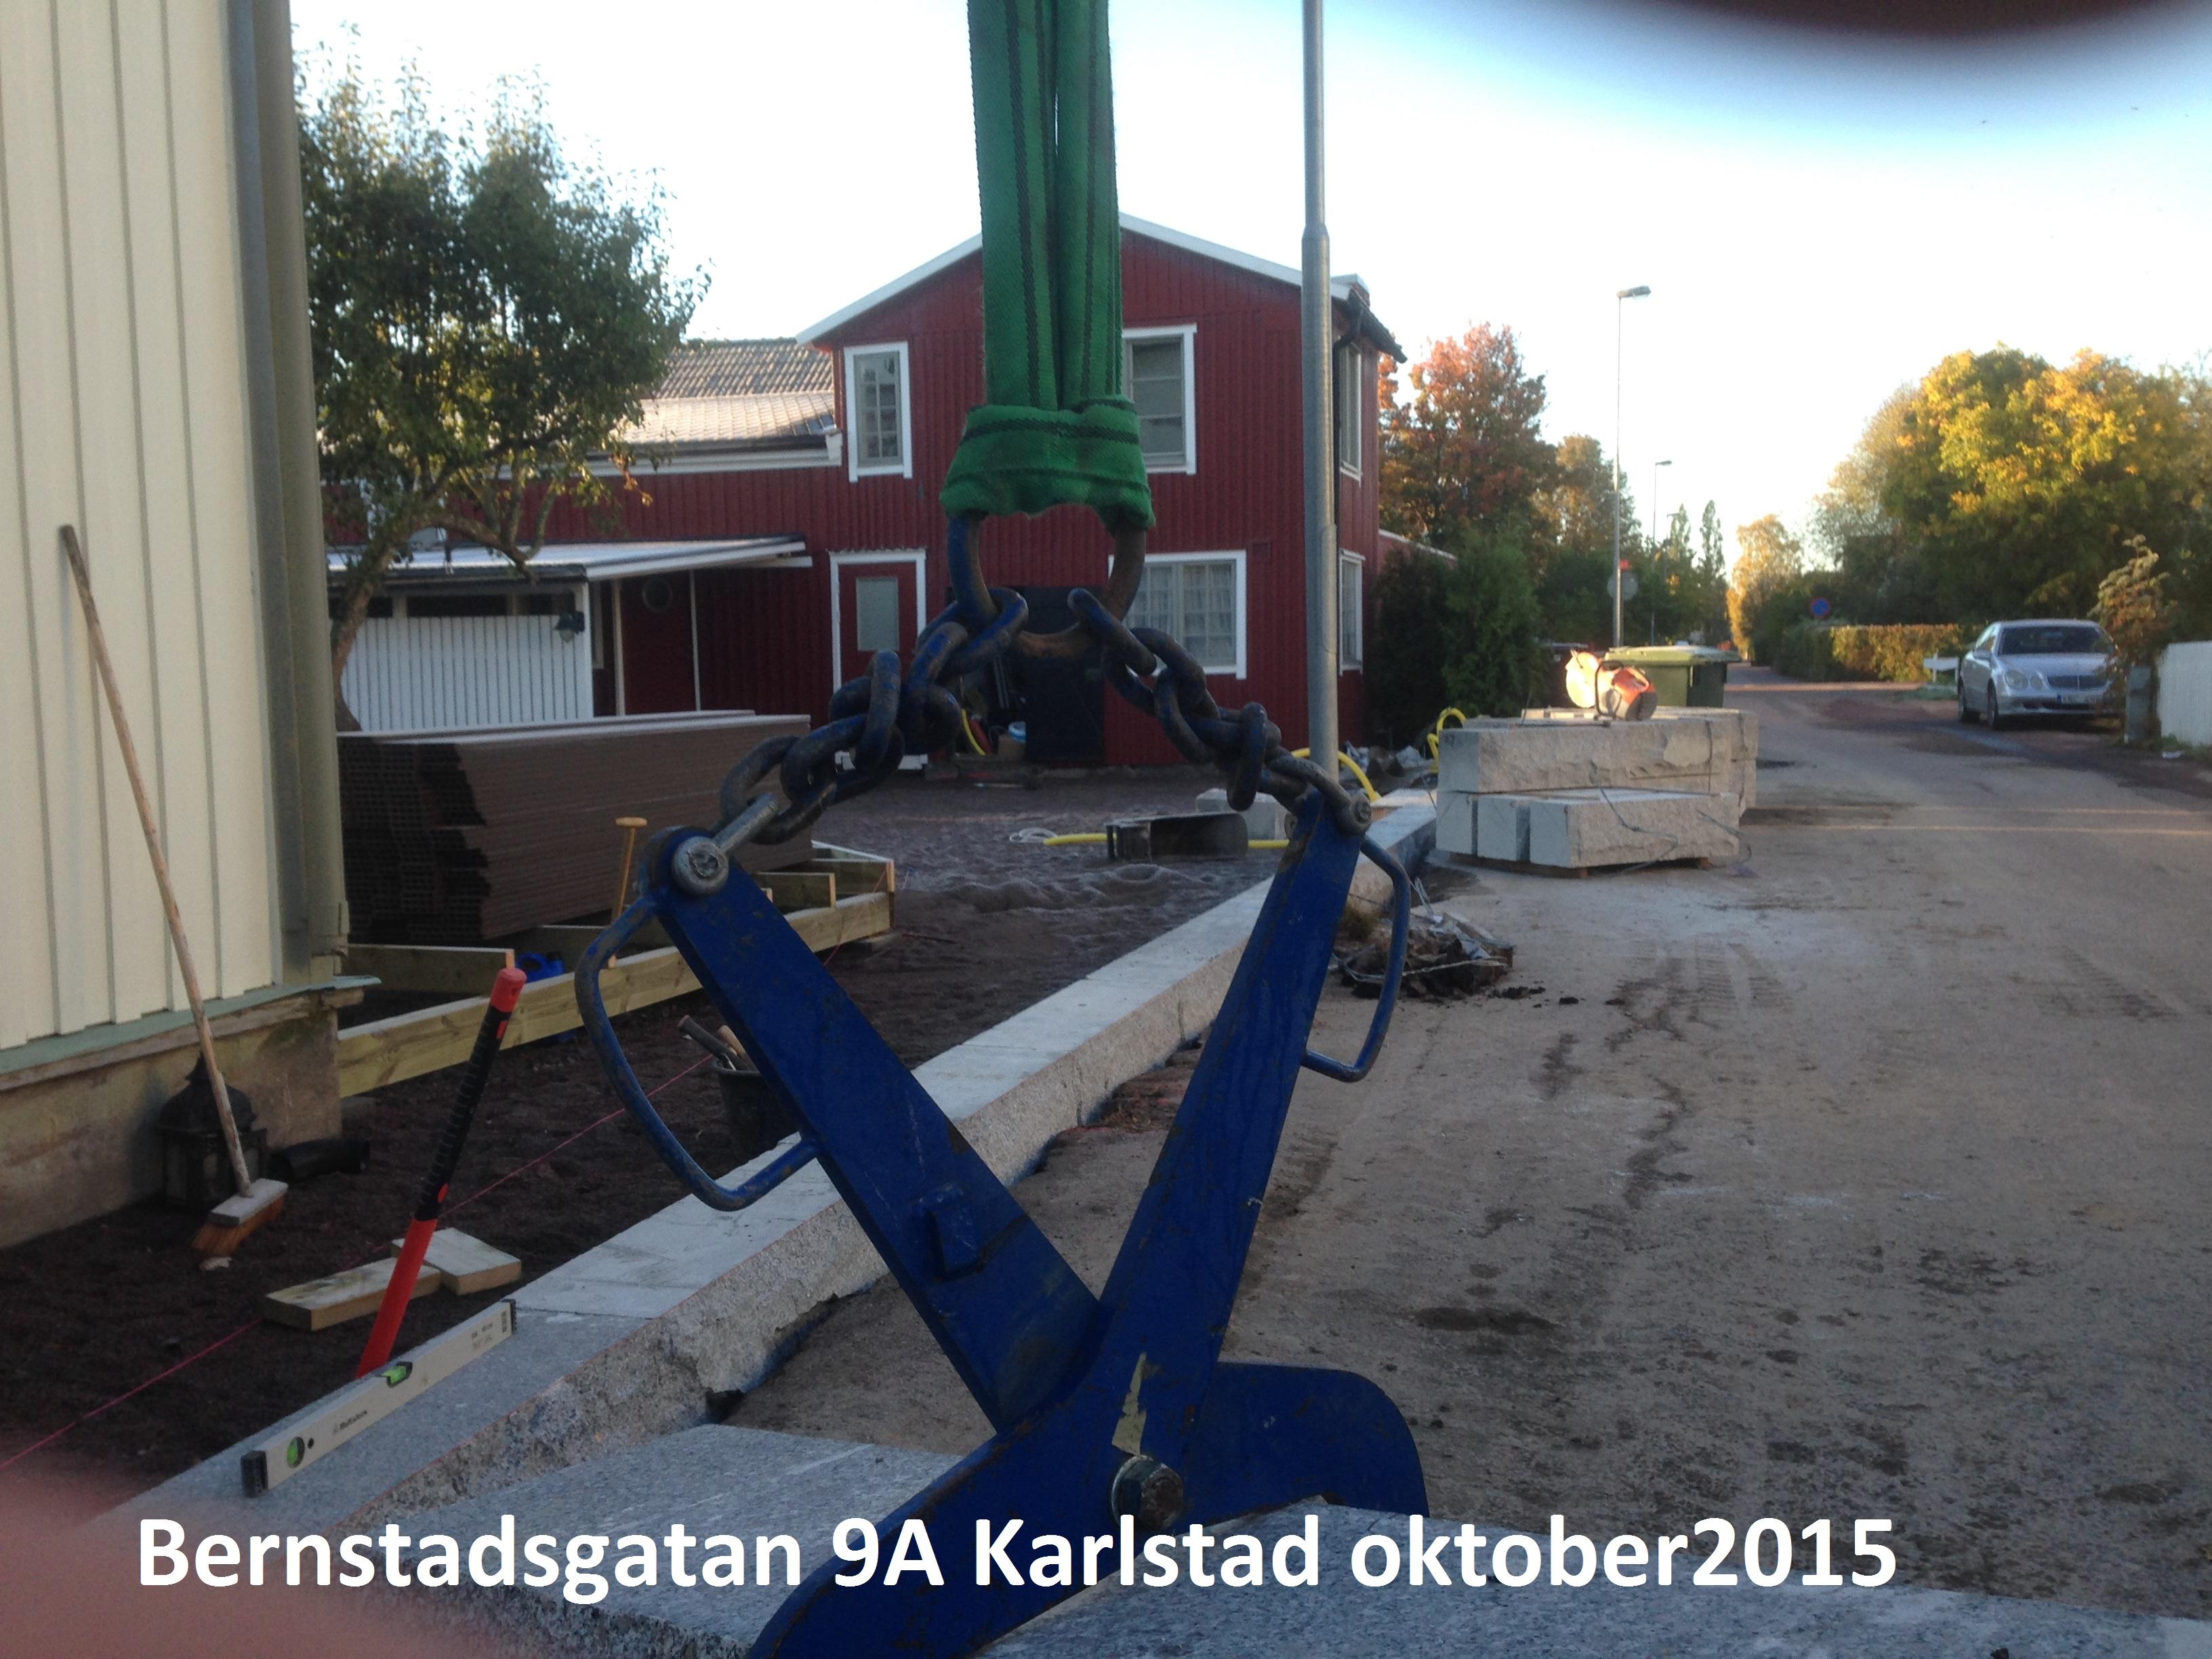 Bernstadsgatan 9A karlstad oktober2015 (2)